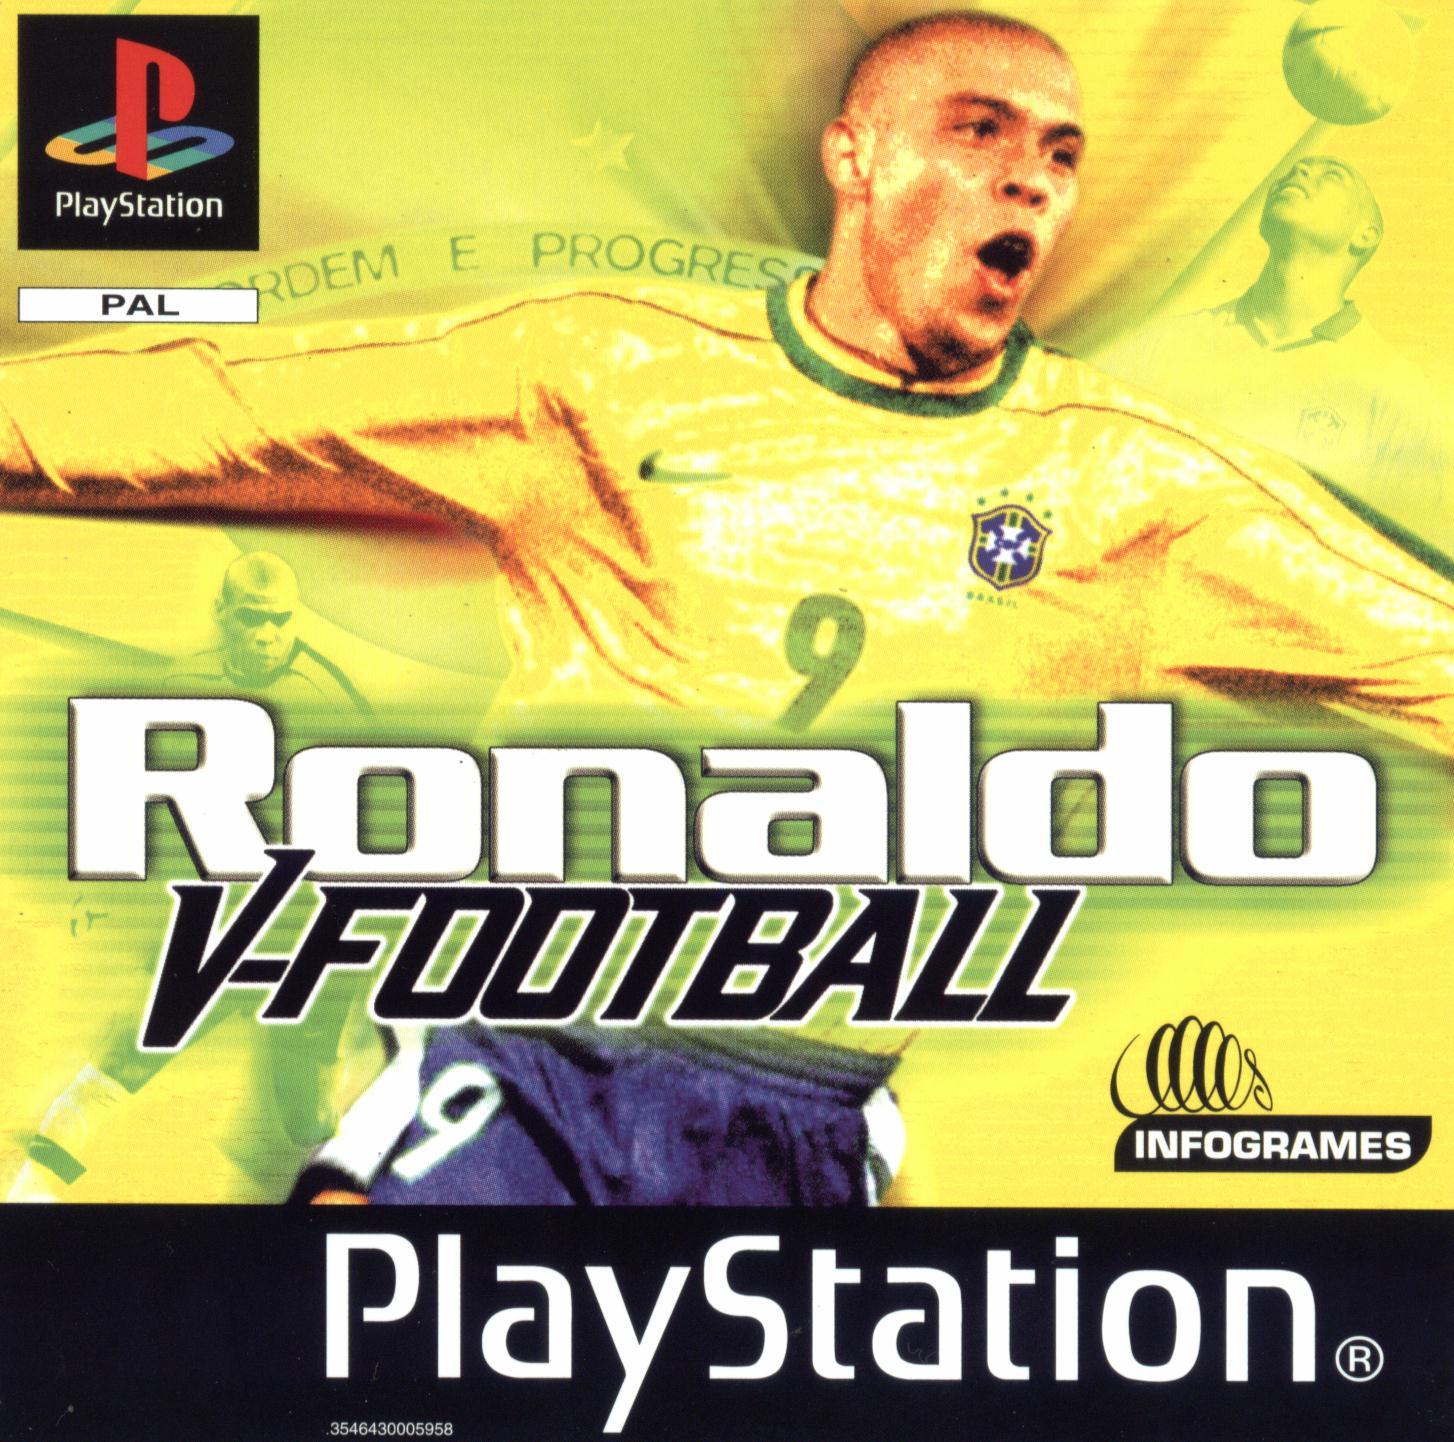 Ronaldo V-Football (Playstation)